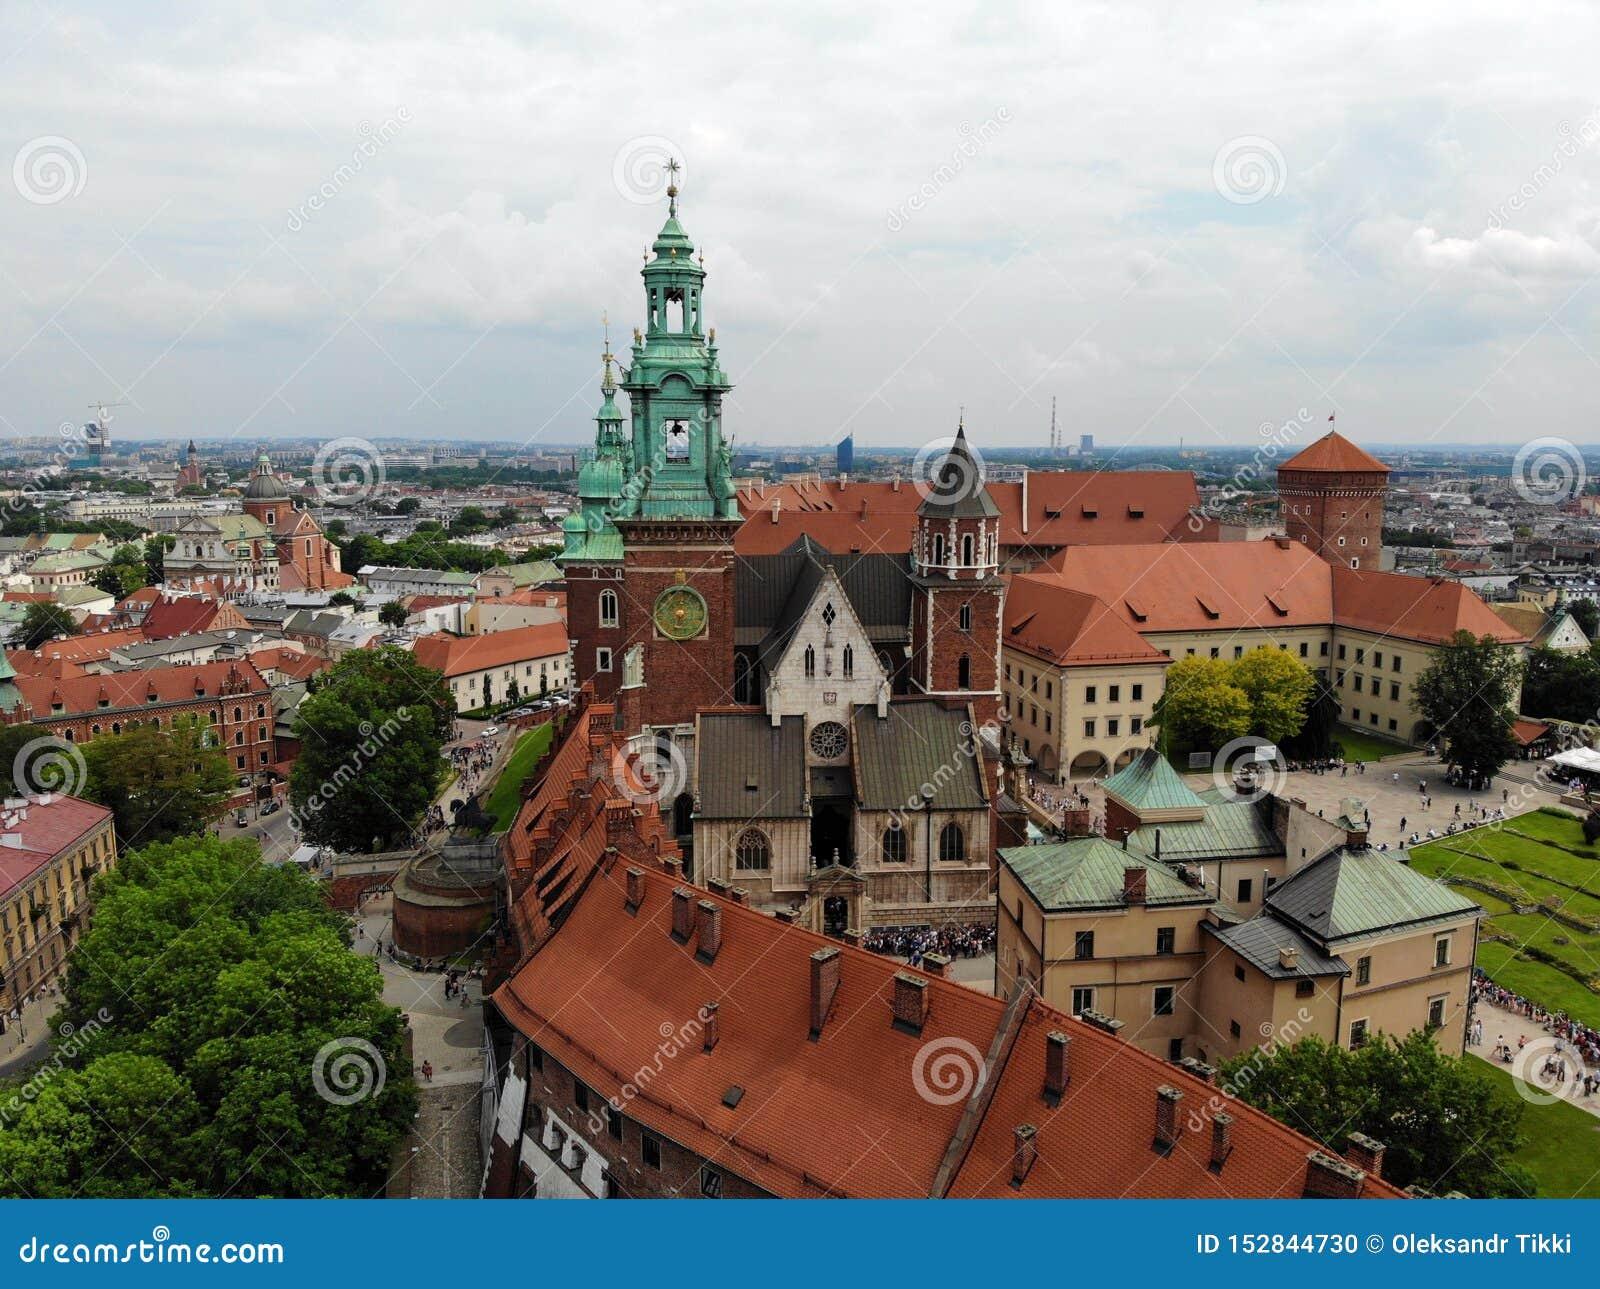 Mooie mening van hierboven Grote mening over het Wawel-kasteel, de parel van oud deel van de stad van Krakau Polen, Europa Hommel